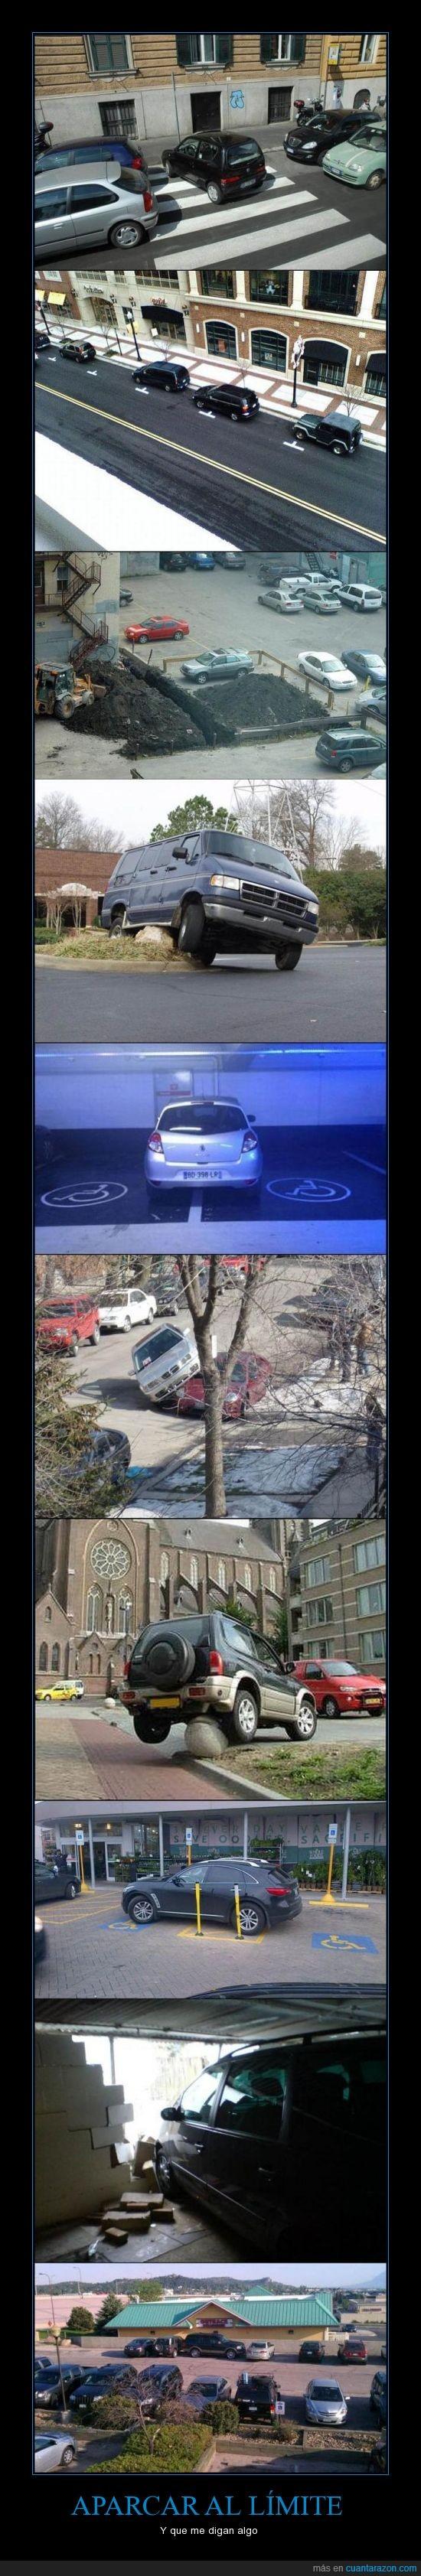 aparcar,coche